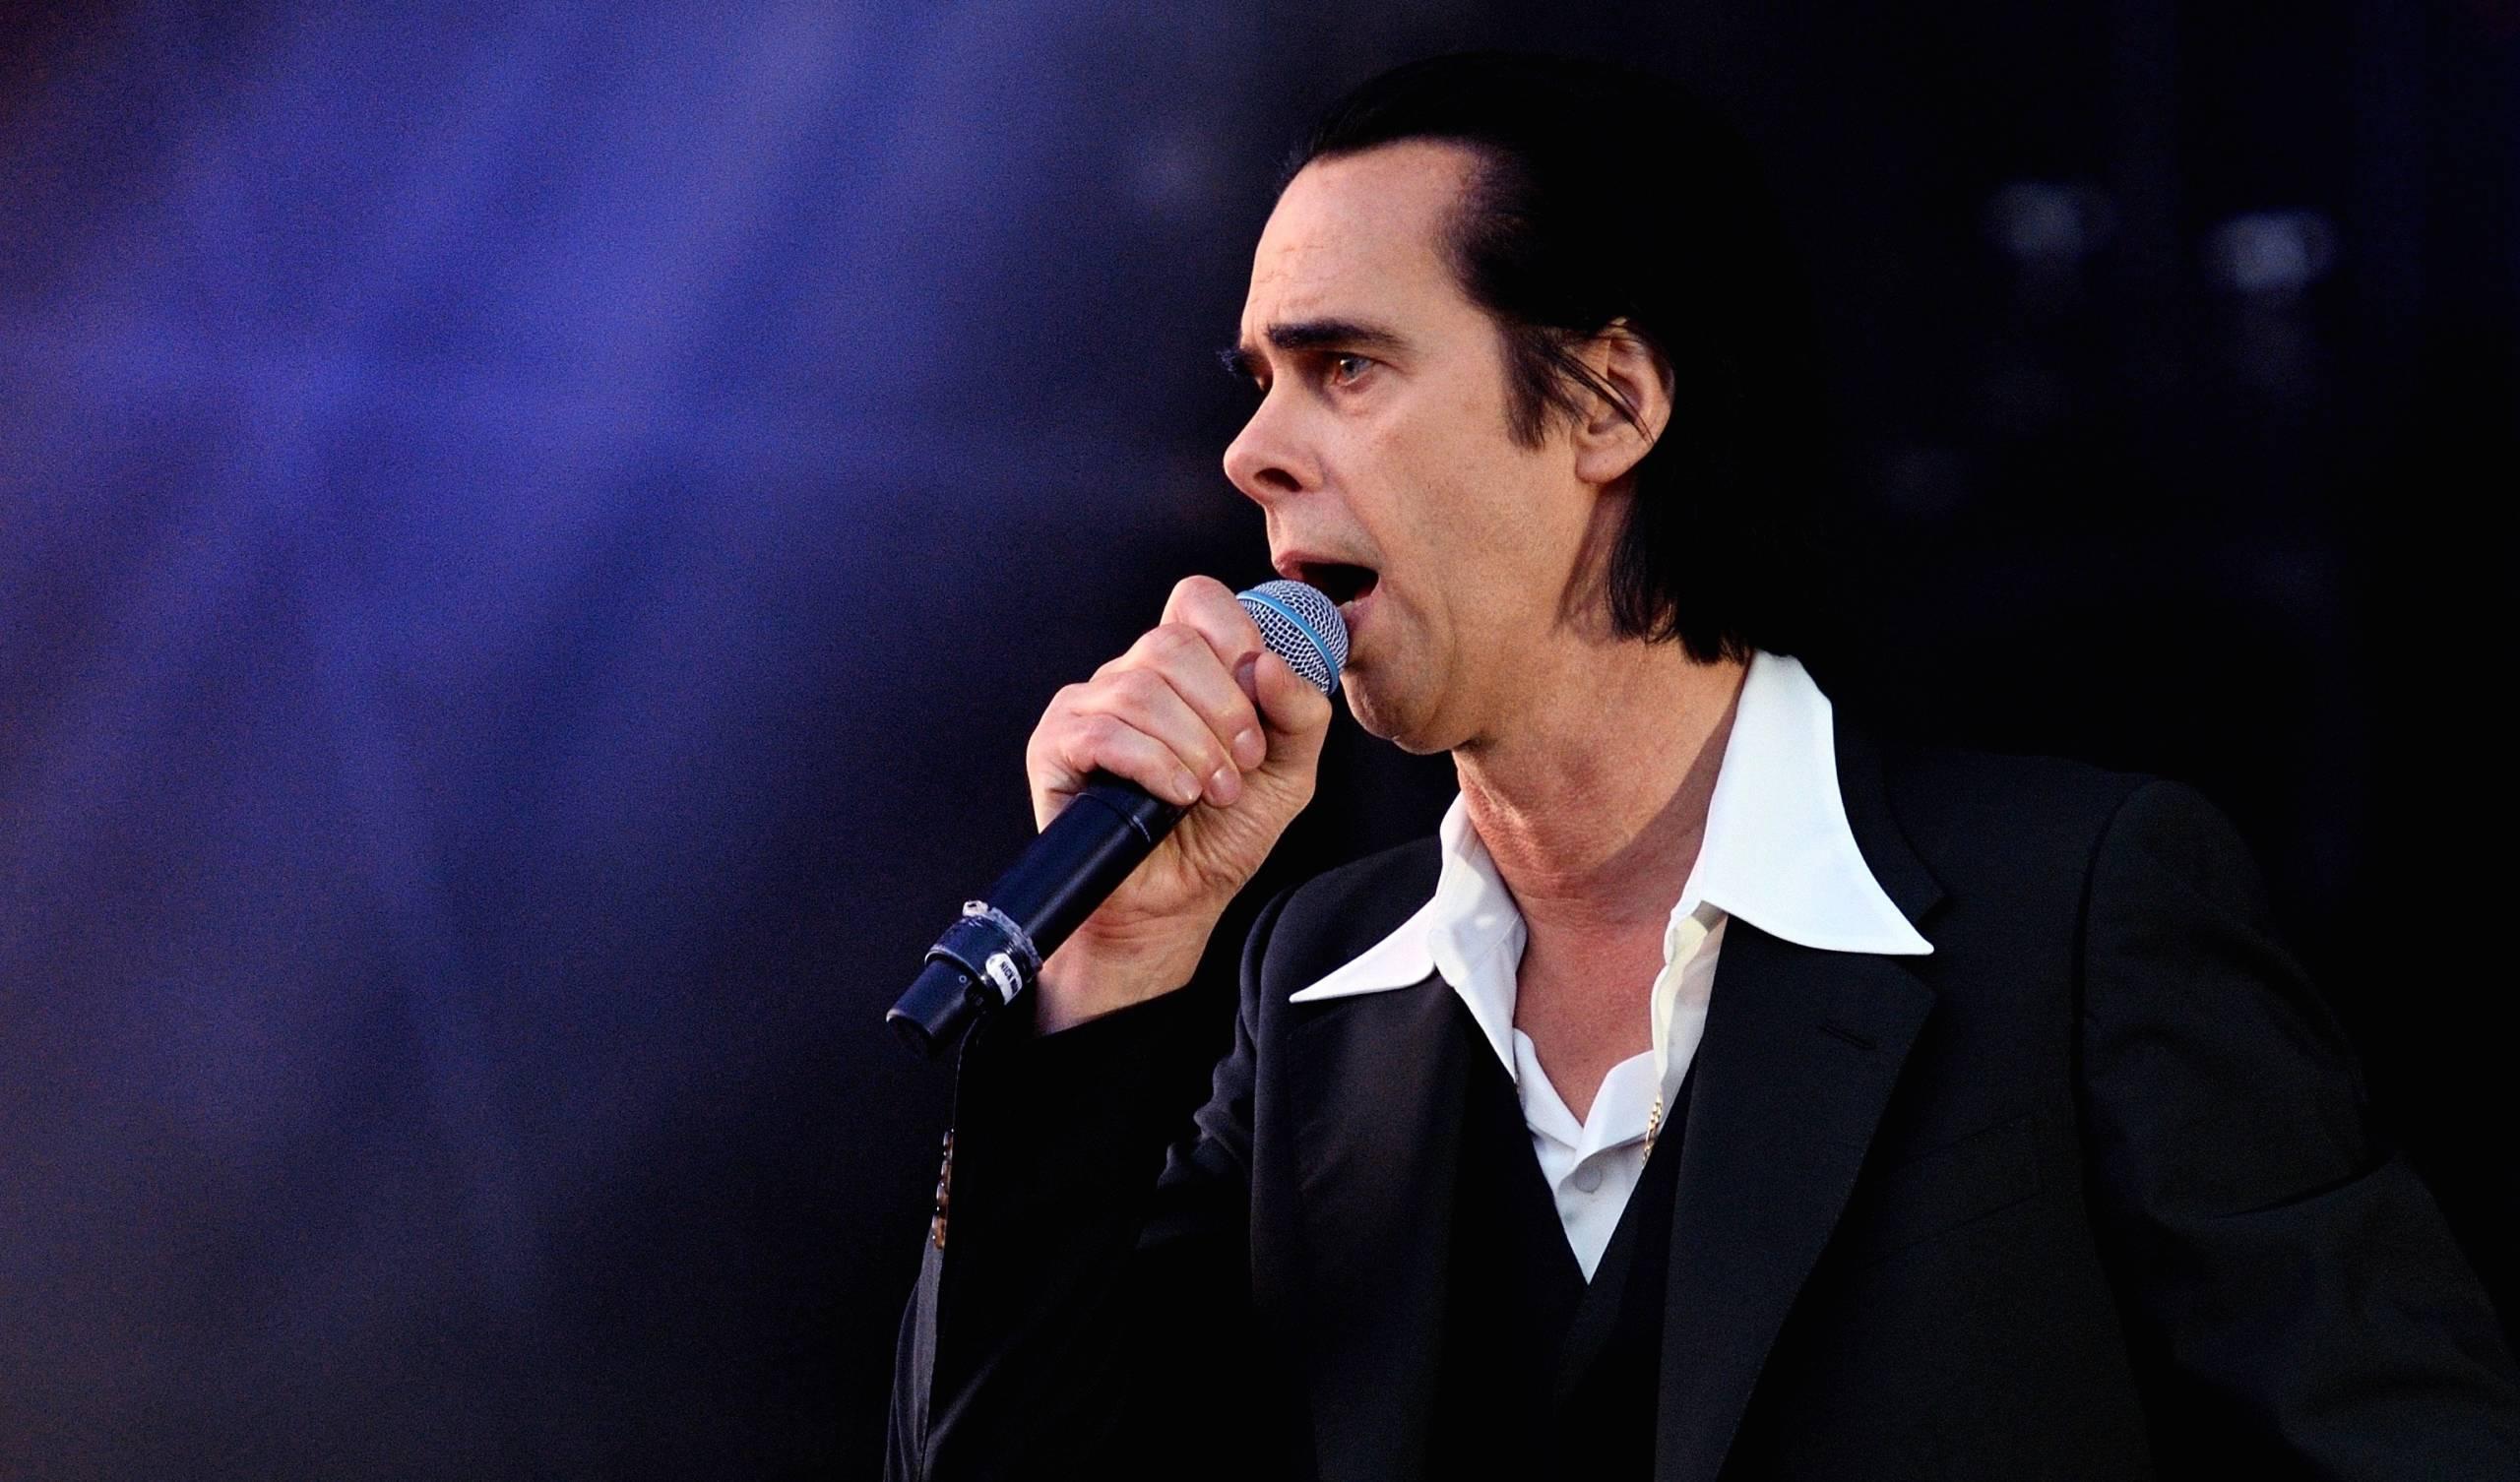 Nick-Cave-Fan-inspirierte-ihn-zur-neuen-Single-Grief-